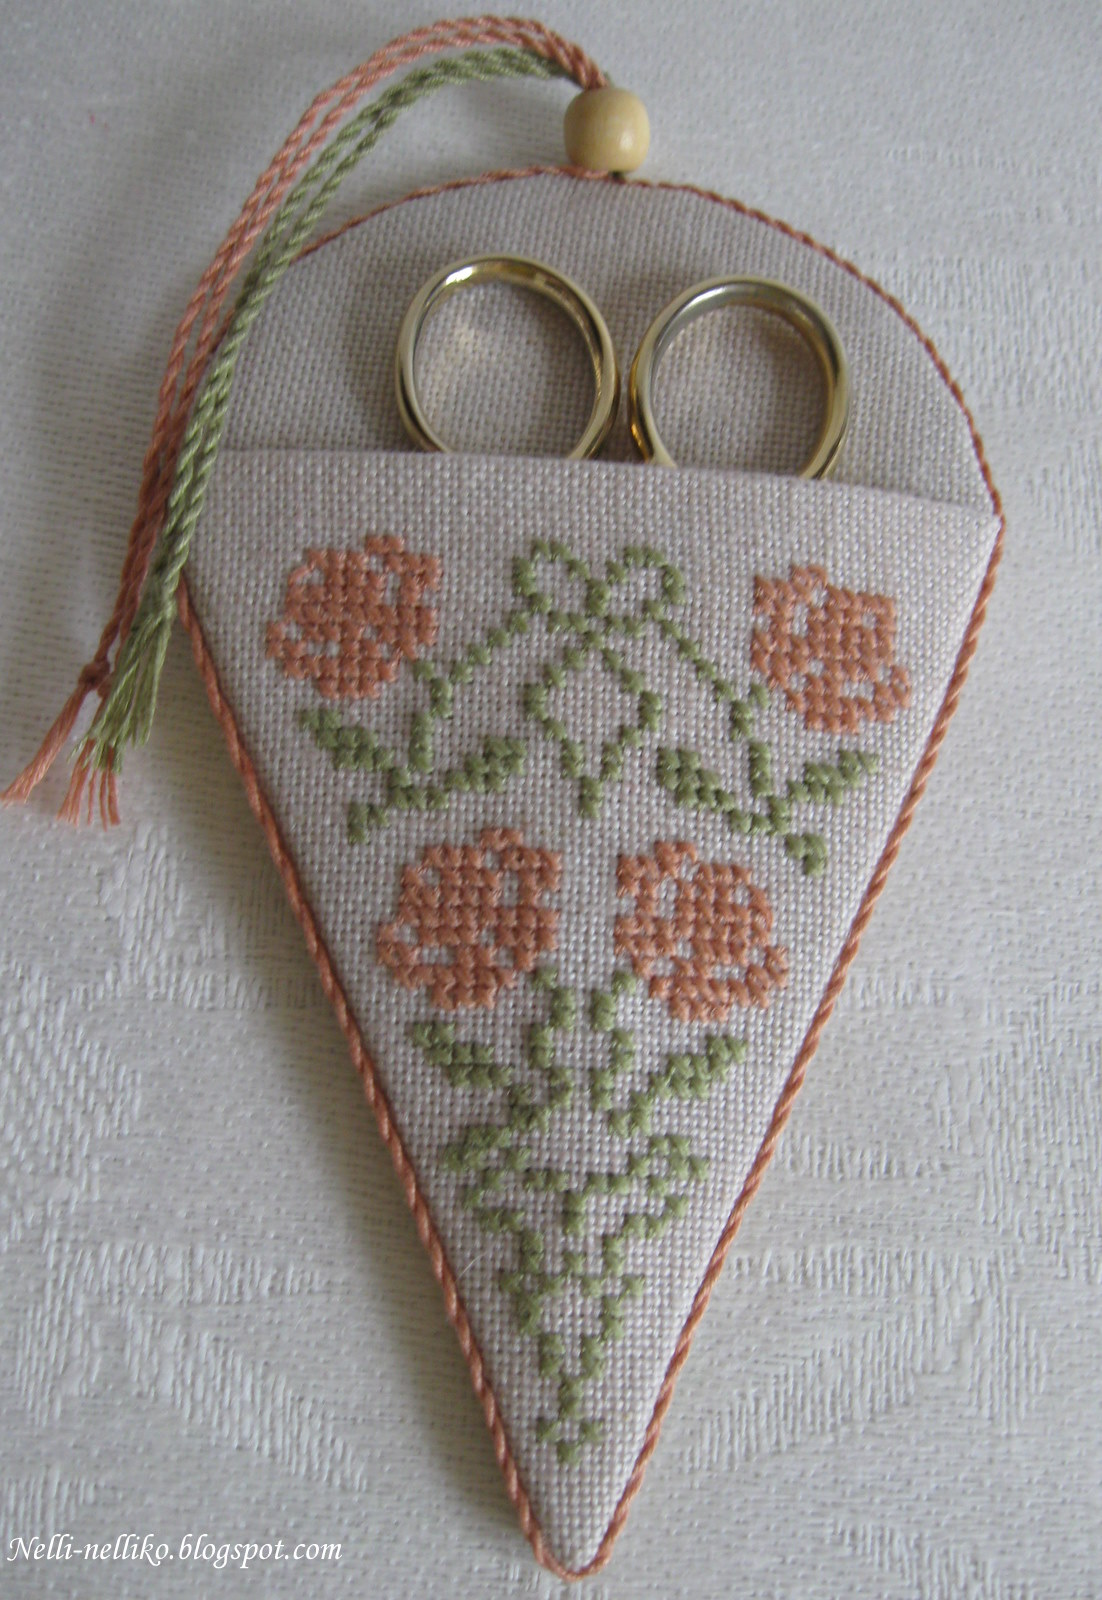 Вышивка крестом чехол для ножниц и очков 33